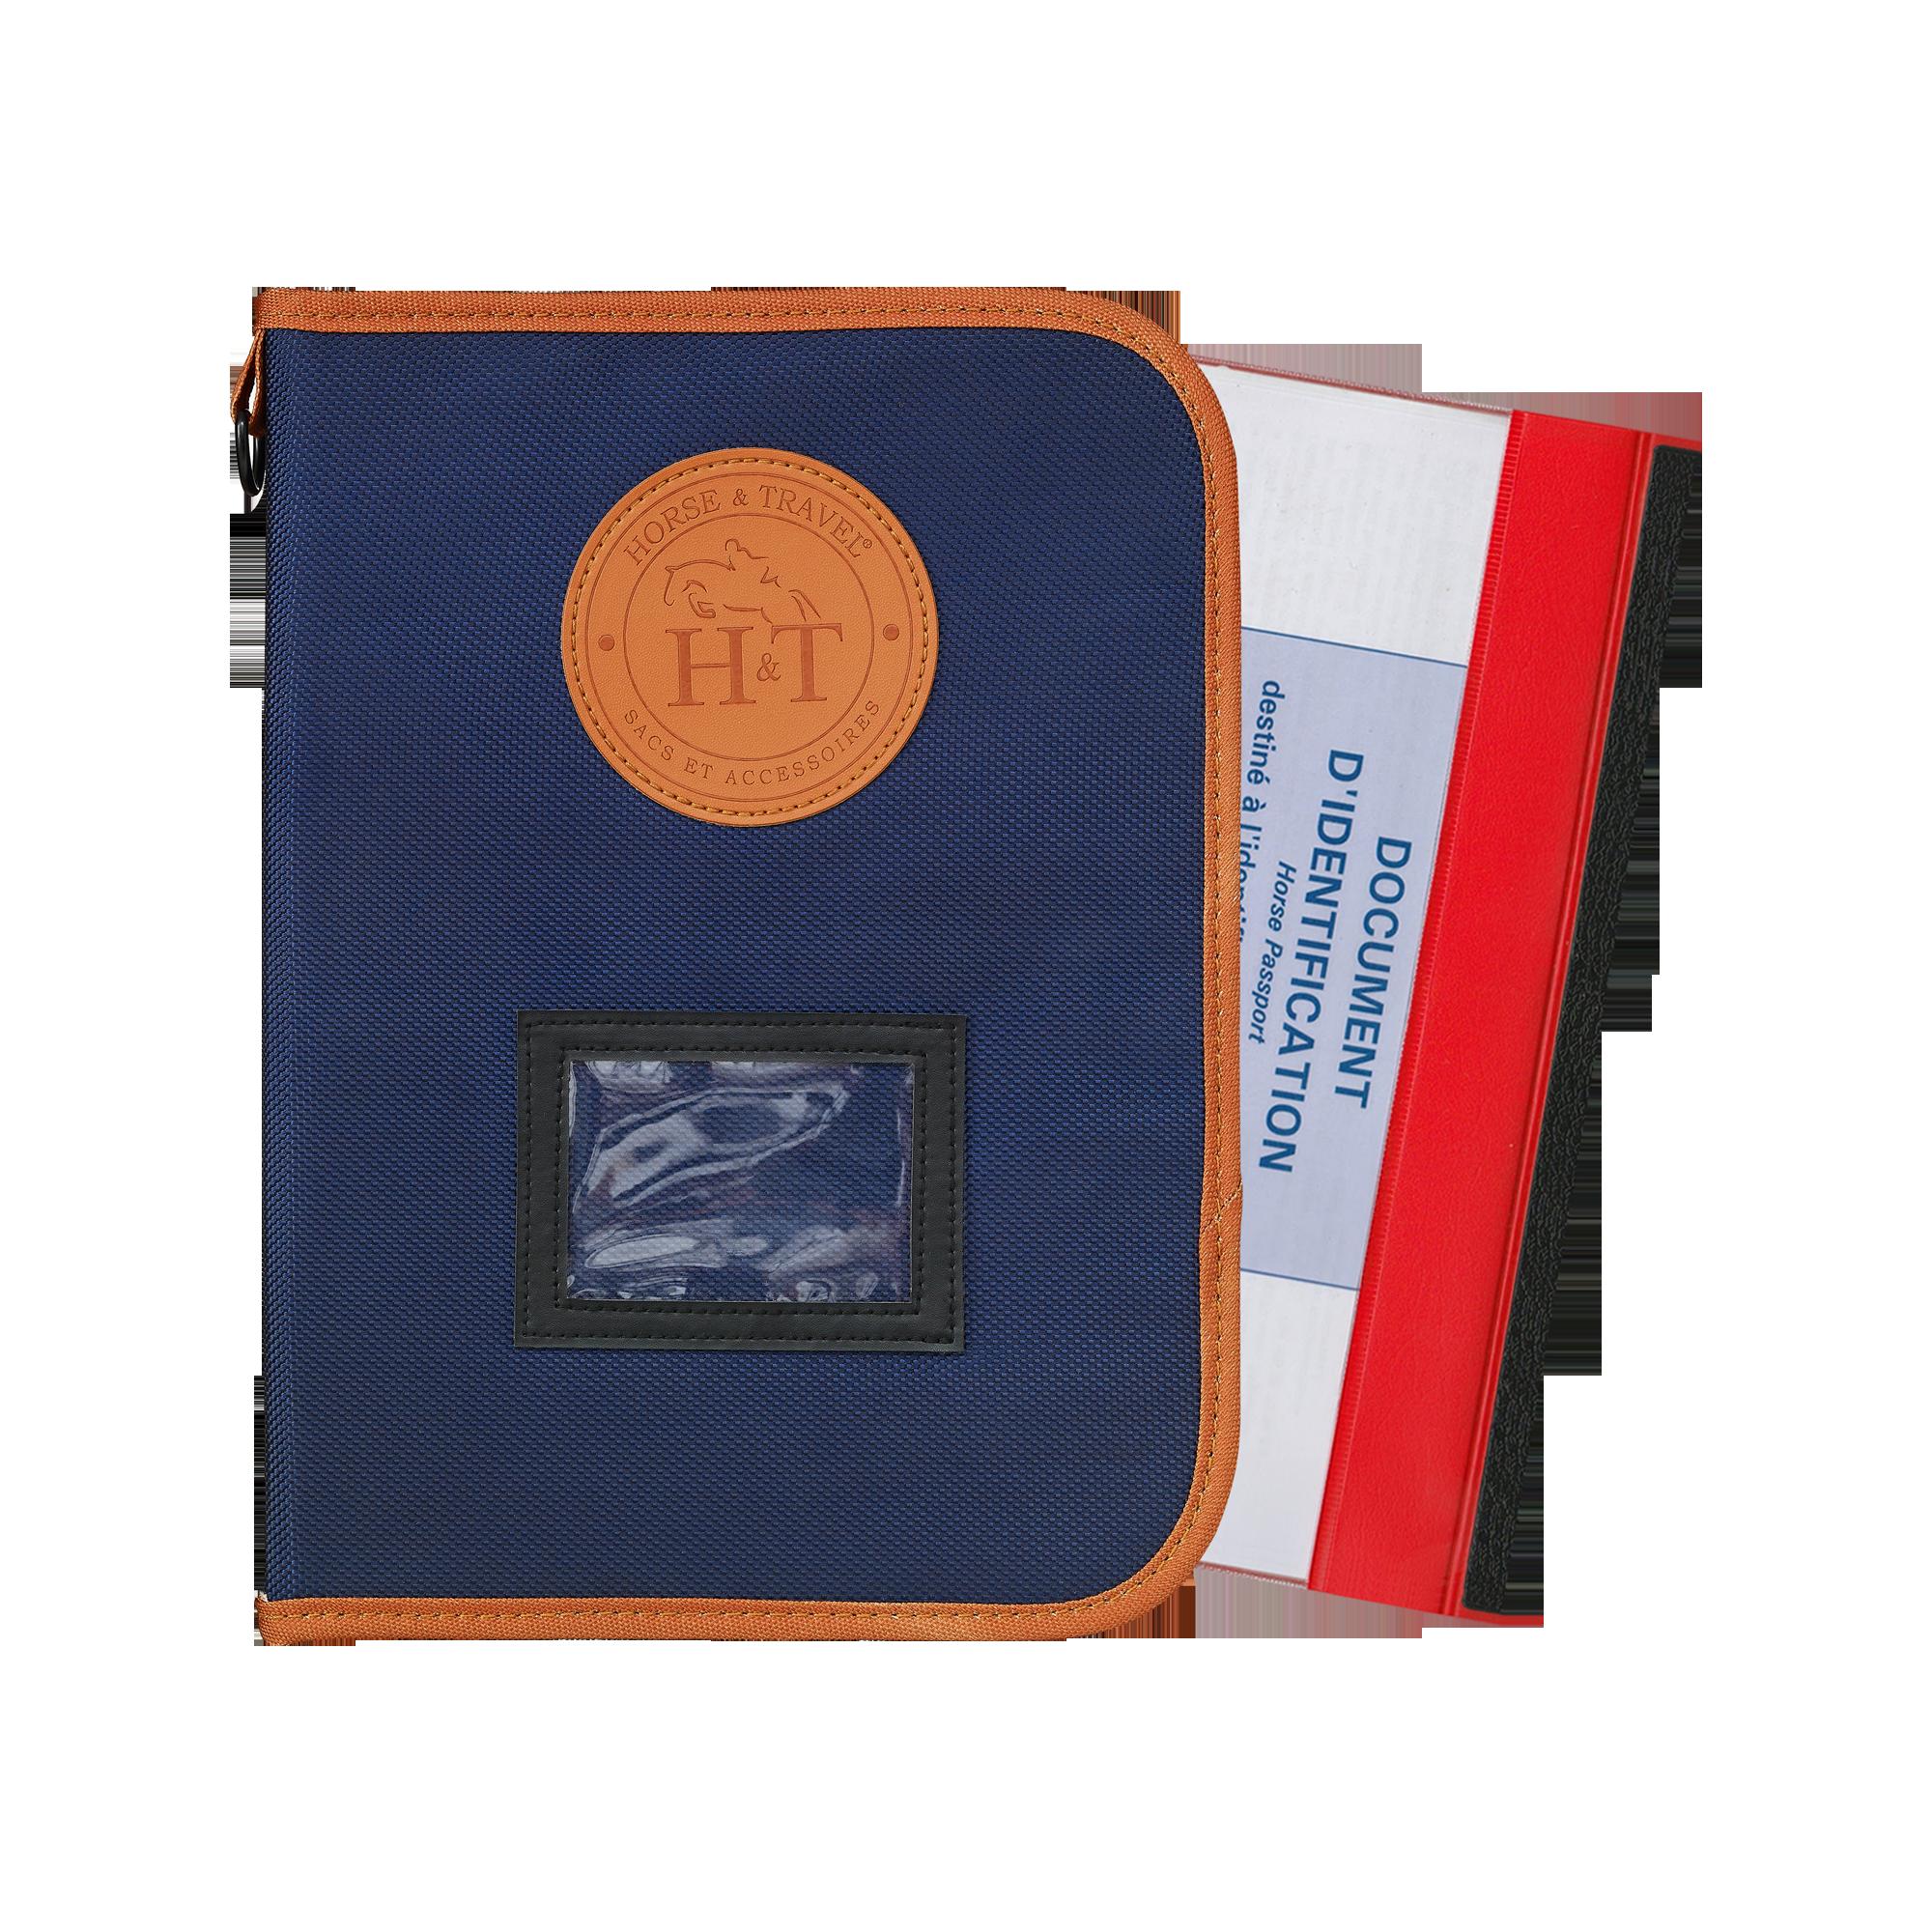 Pochette Livret Signalétique Cheval Pass-Pass Book 1680